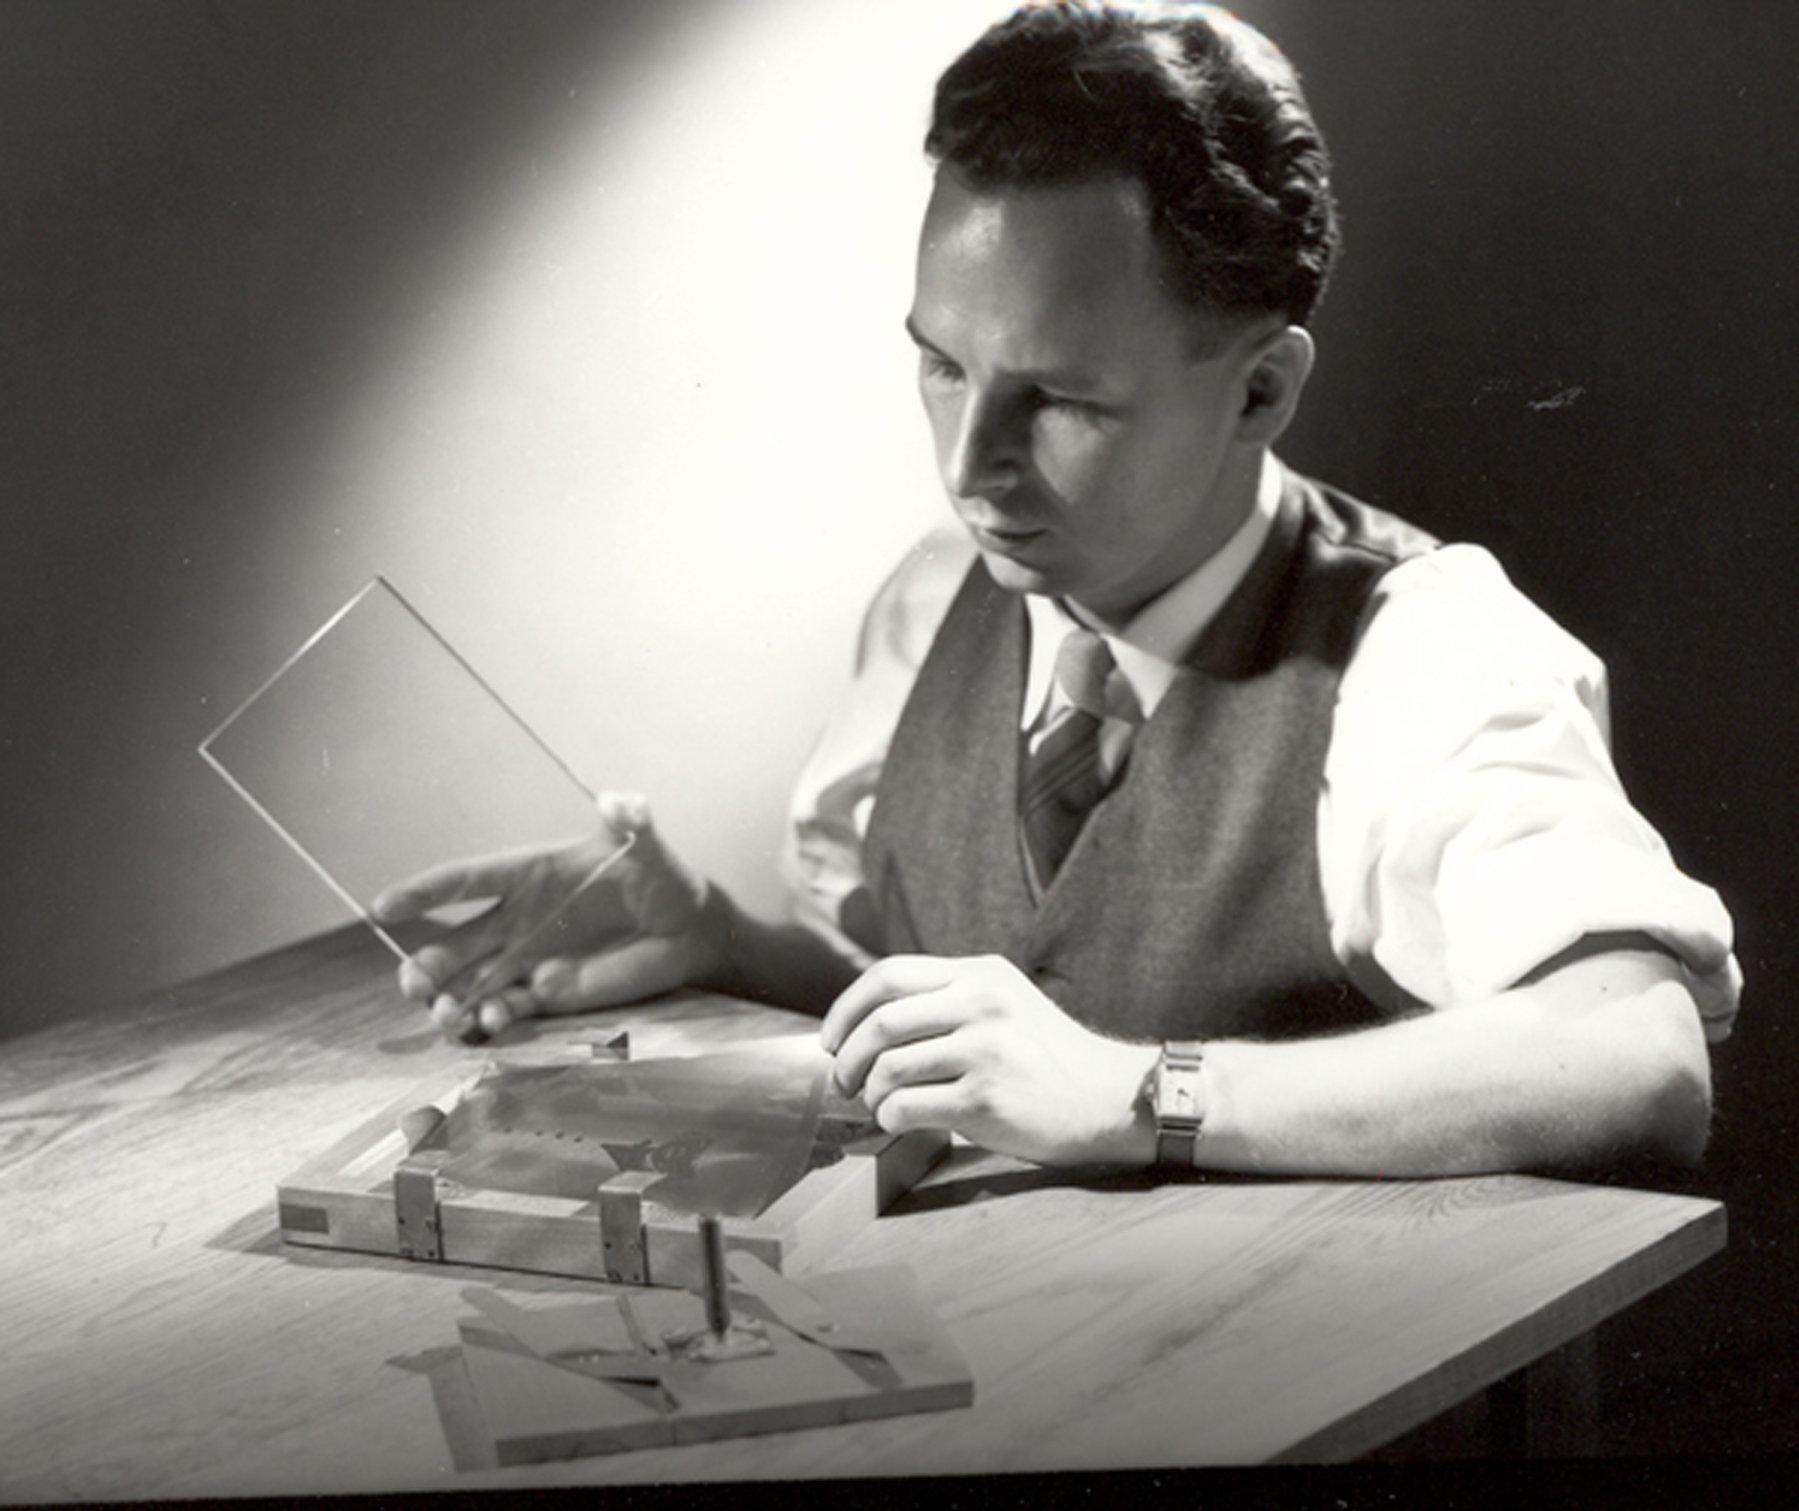 S. Donald Stookey - Ceramic Inventor